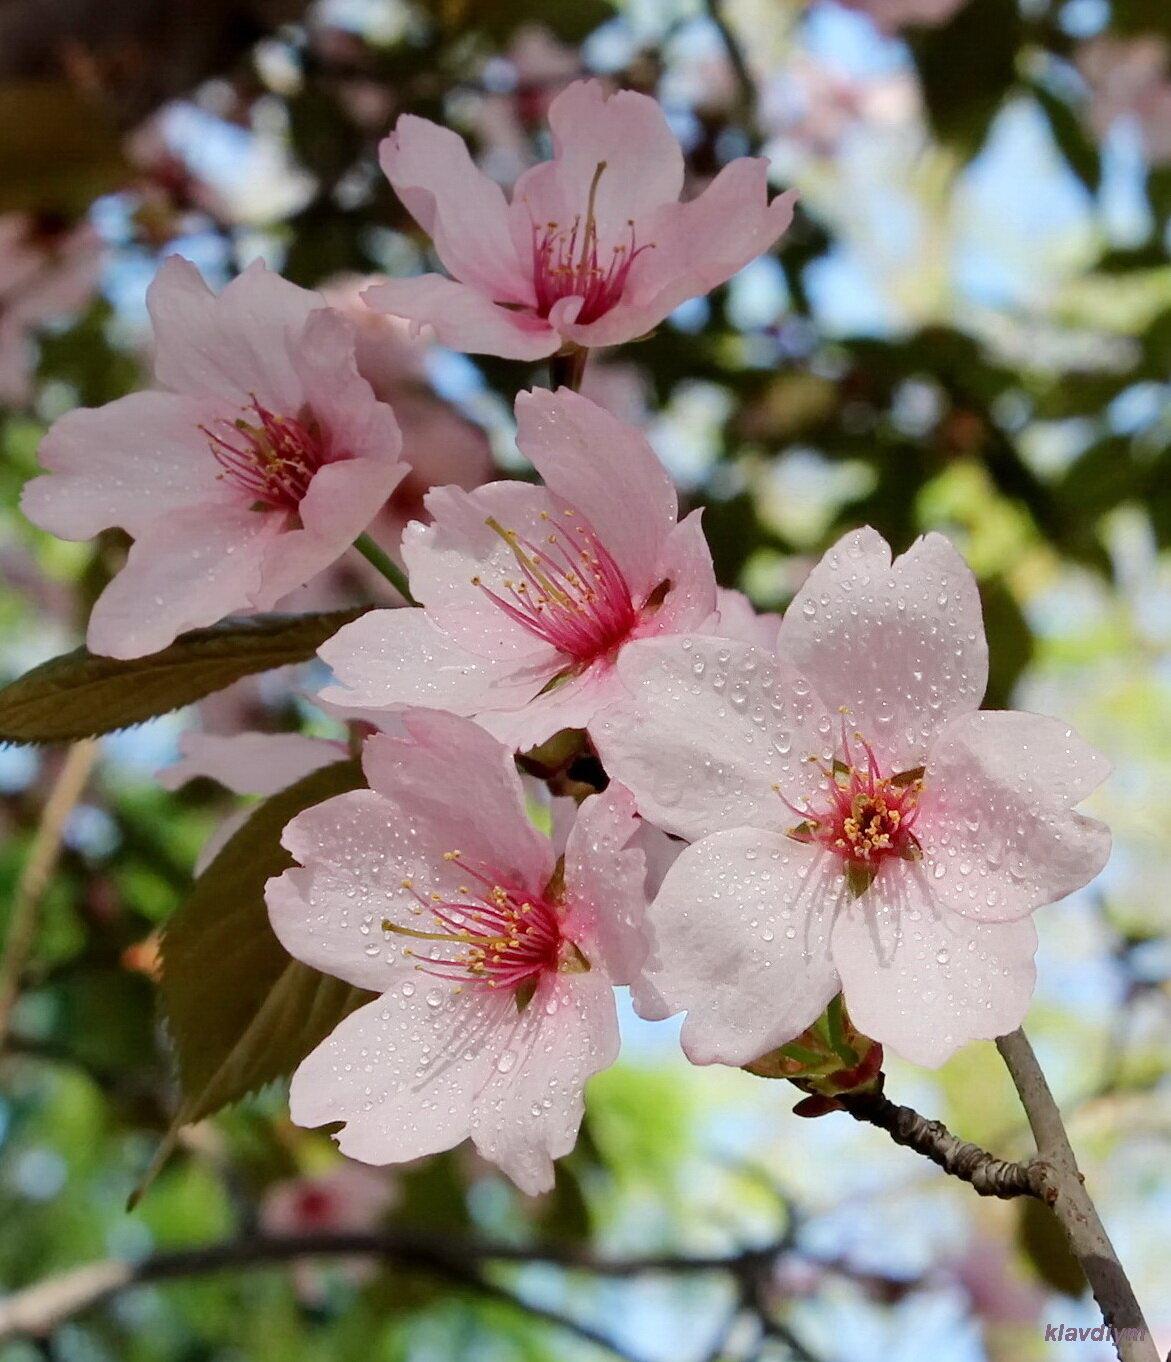 Вздохнуть аромат неземного цветка...